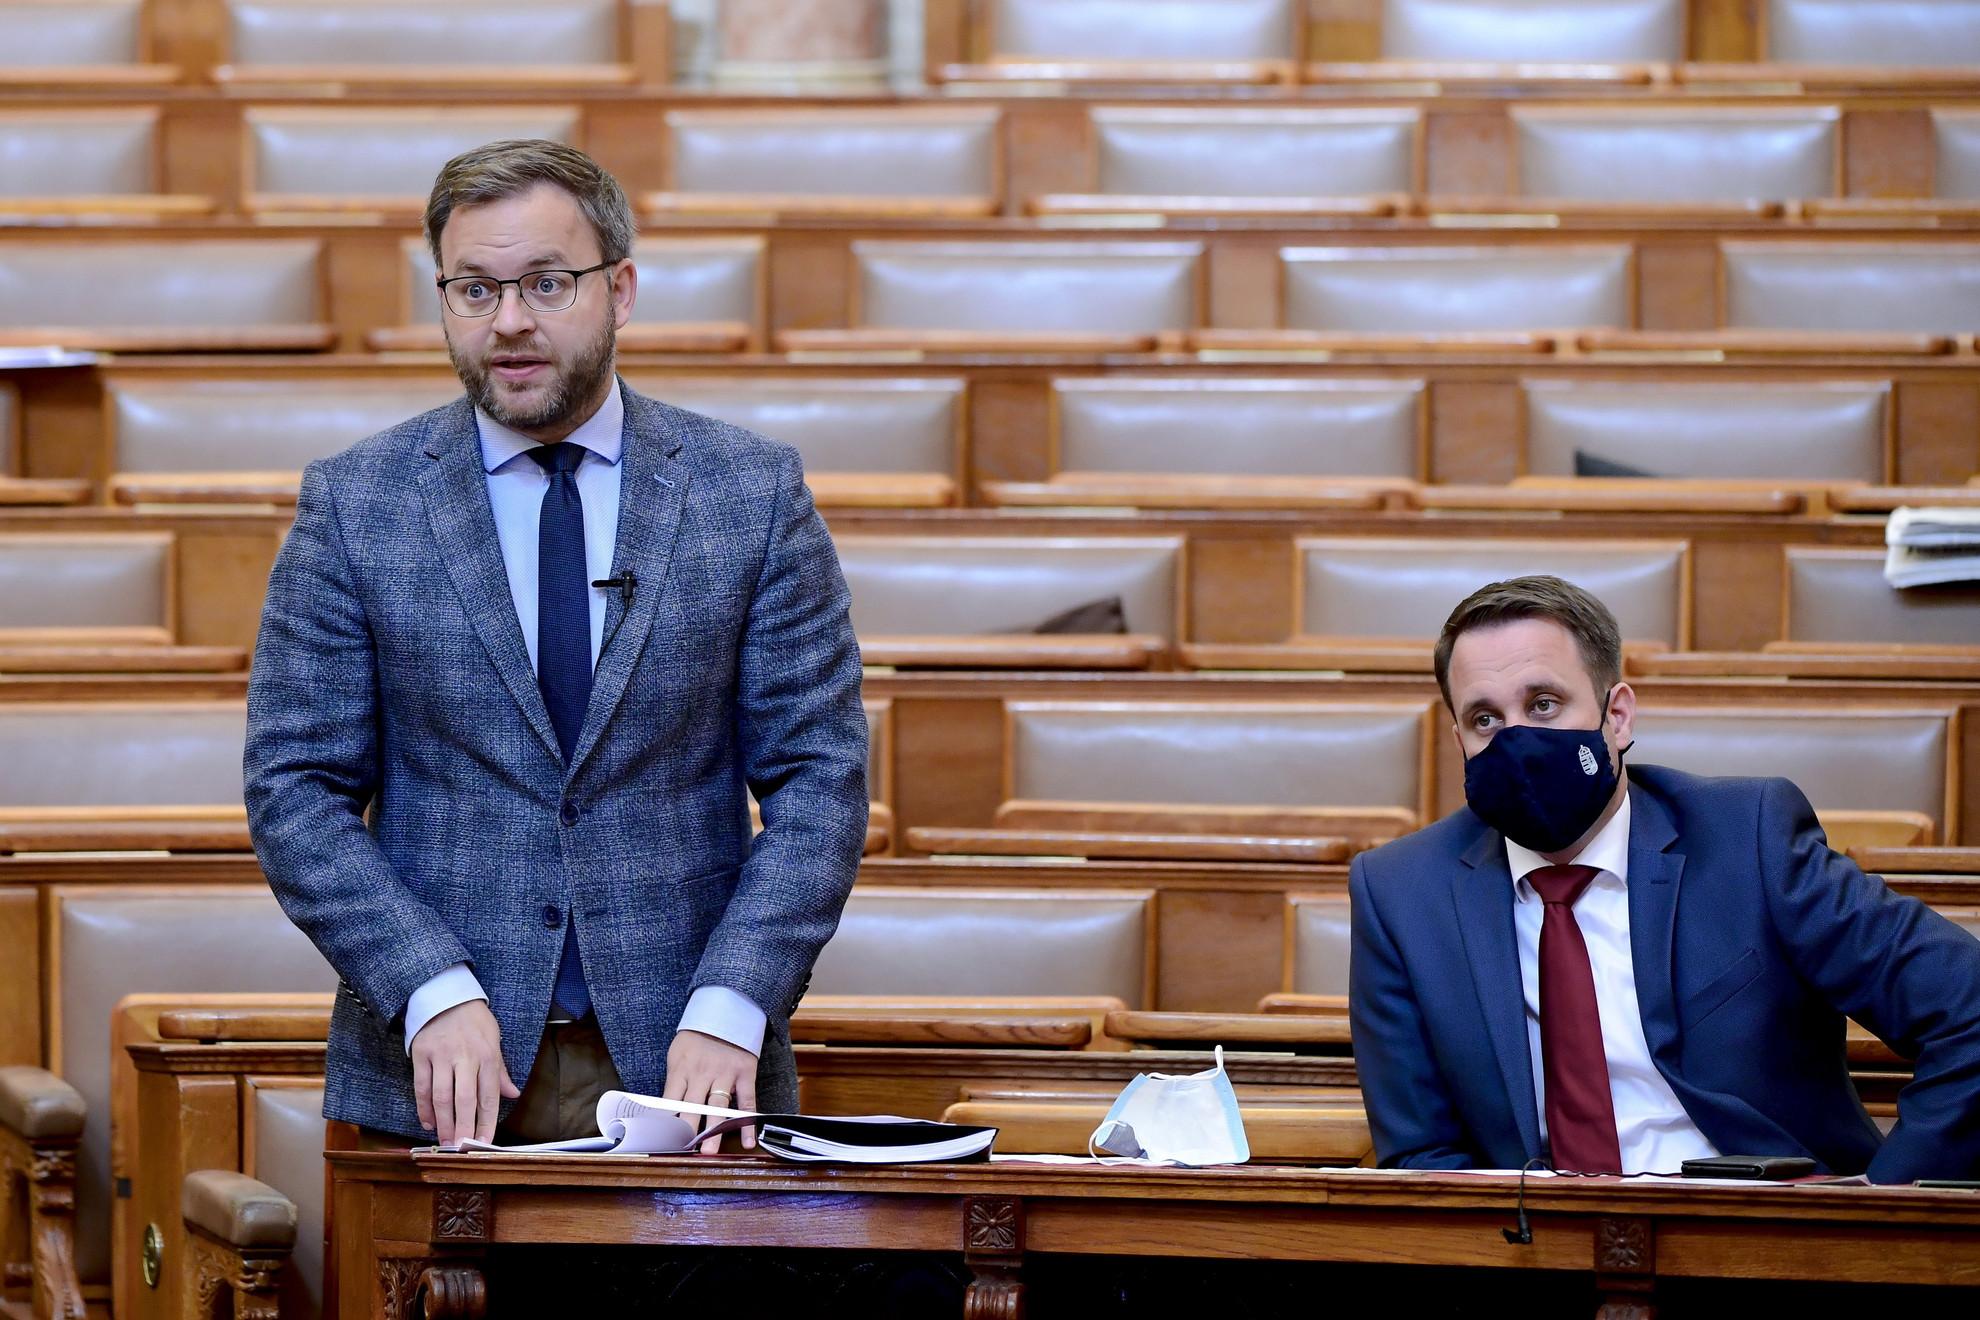 Orbán Balázs, a Miniszterelnökség parlamenti államtitkára napirend előtt szólal fel az Országgyűlés plenáris ülésén 2021. június 15-én. Mellette Dömötör Csaba, a Miniszterelnöki Kabinetiroda parlamenti államtitkára